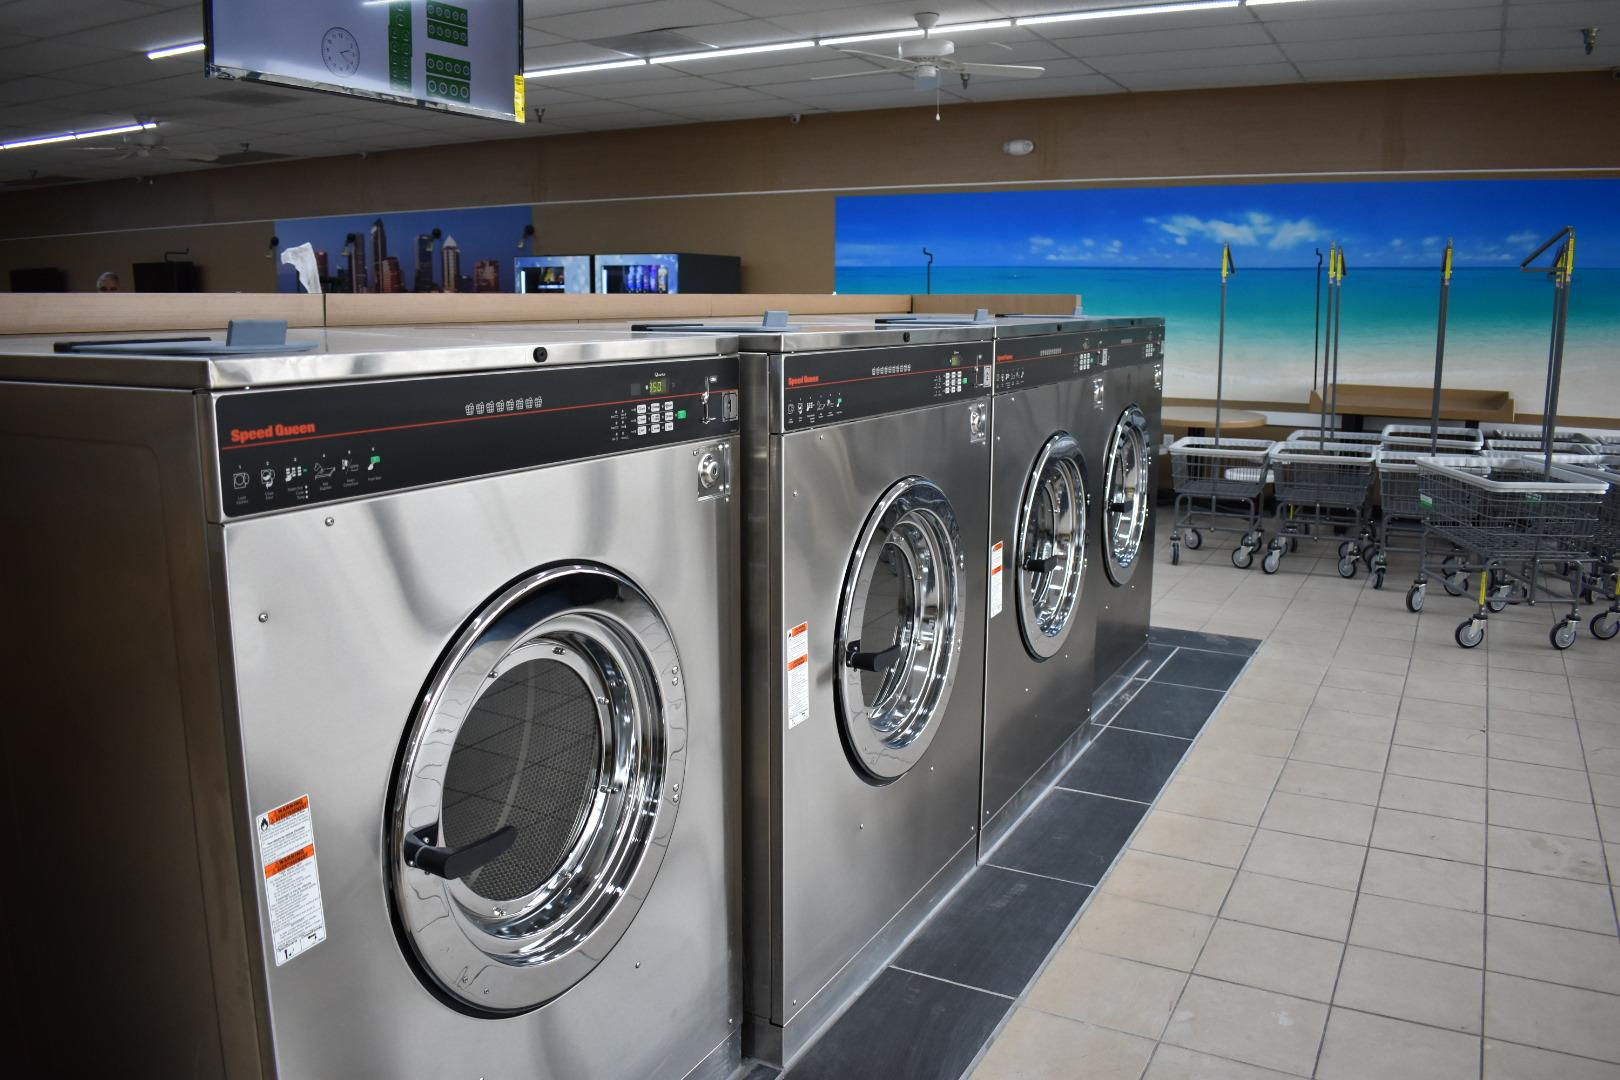 Speed Wash Laundromat image 2